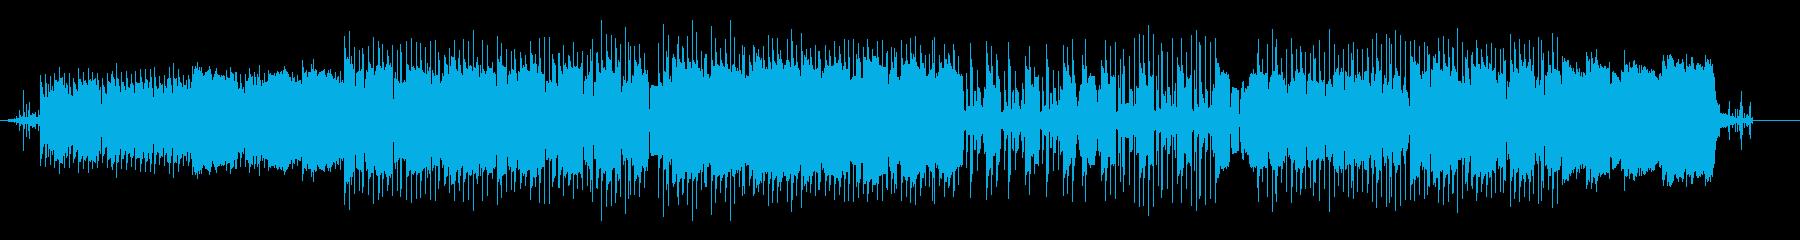 落ち着いた雰囲気のローファイヒップホップの再生済みの波形